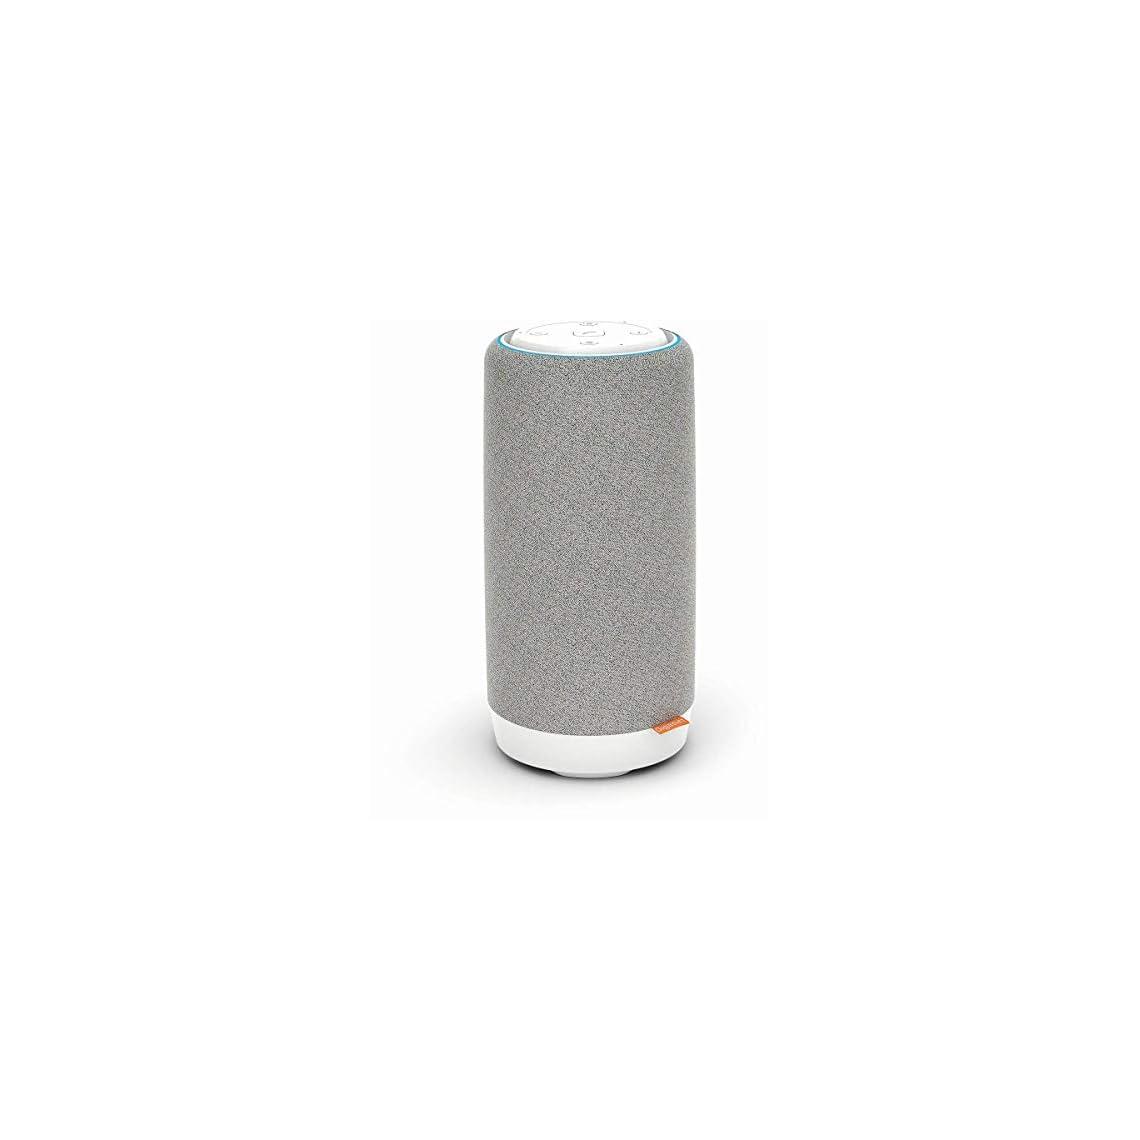 51HFBw2nKQL. SS1140  - Gigaset Telefon Fritzbox (kompatibel, VOIP schnurloses Telefon mit Headsetanschluss, Freisprechfunktion, Farbdiyplay und grossen Tasten)